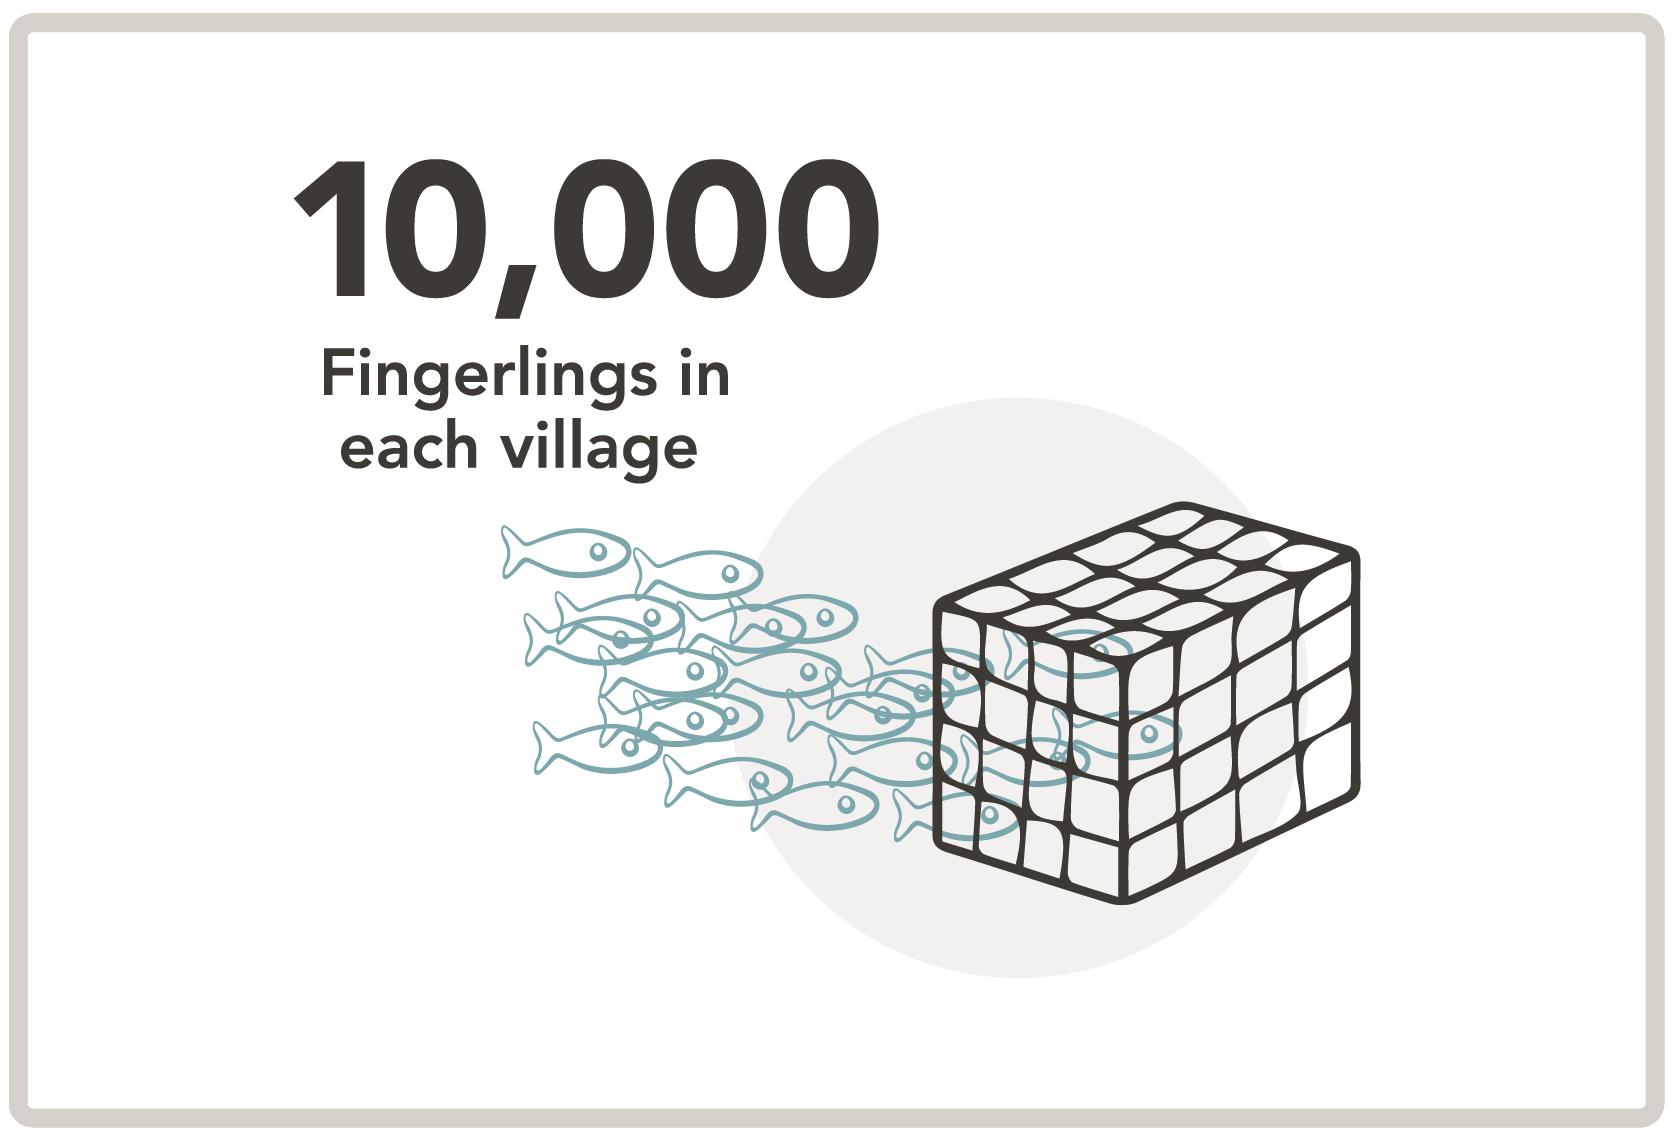 fingerlings.png